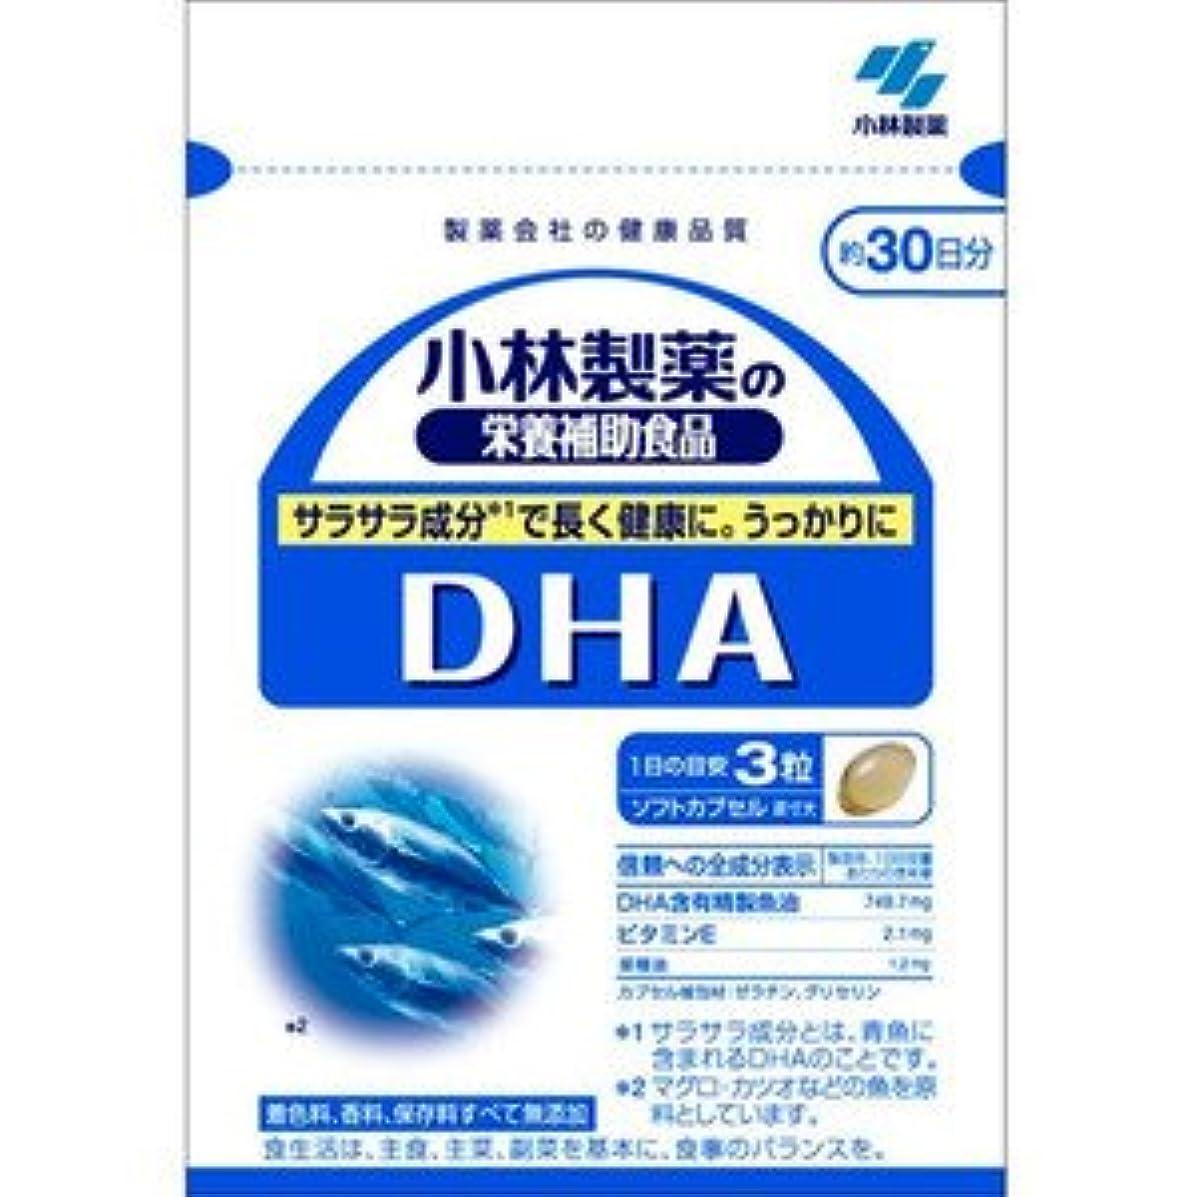 実験代表団プレミアム【小林製薬】DHA 90粒(お買い得3個セット)